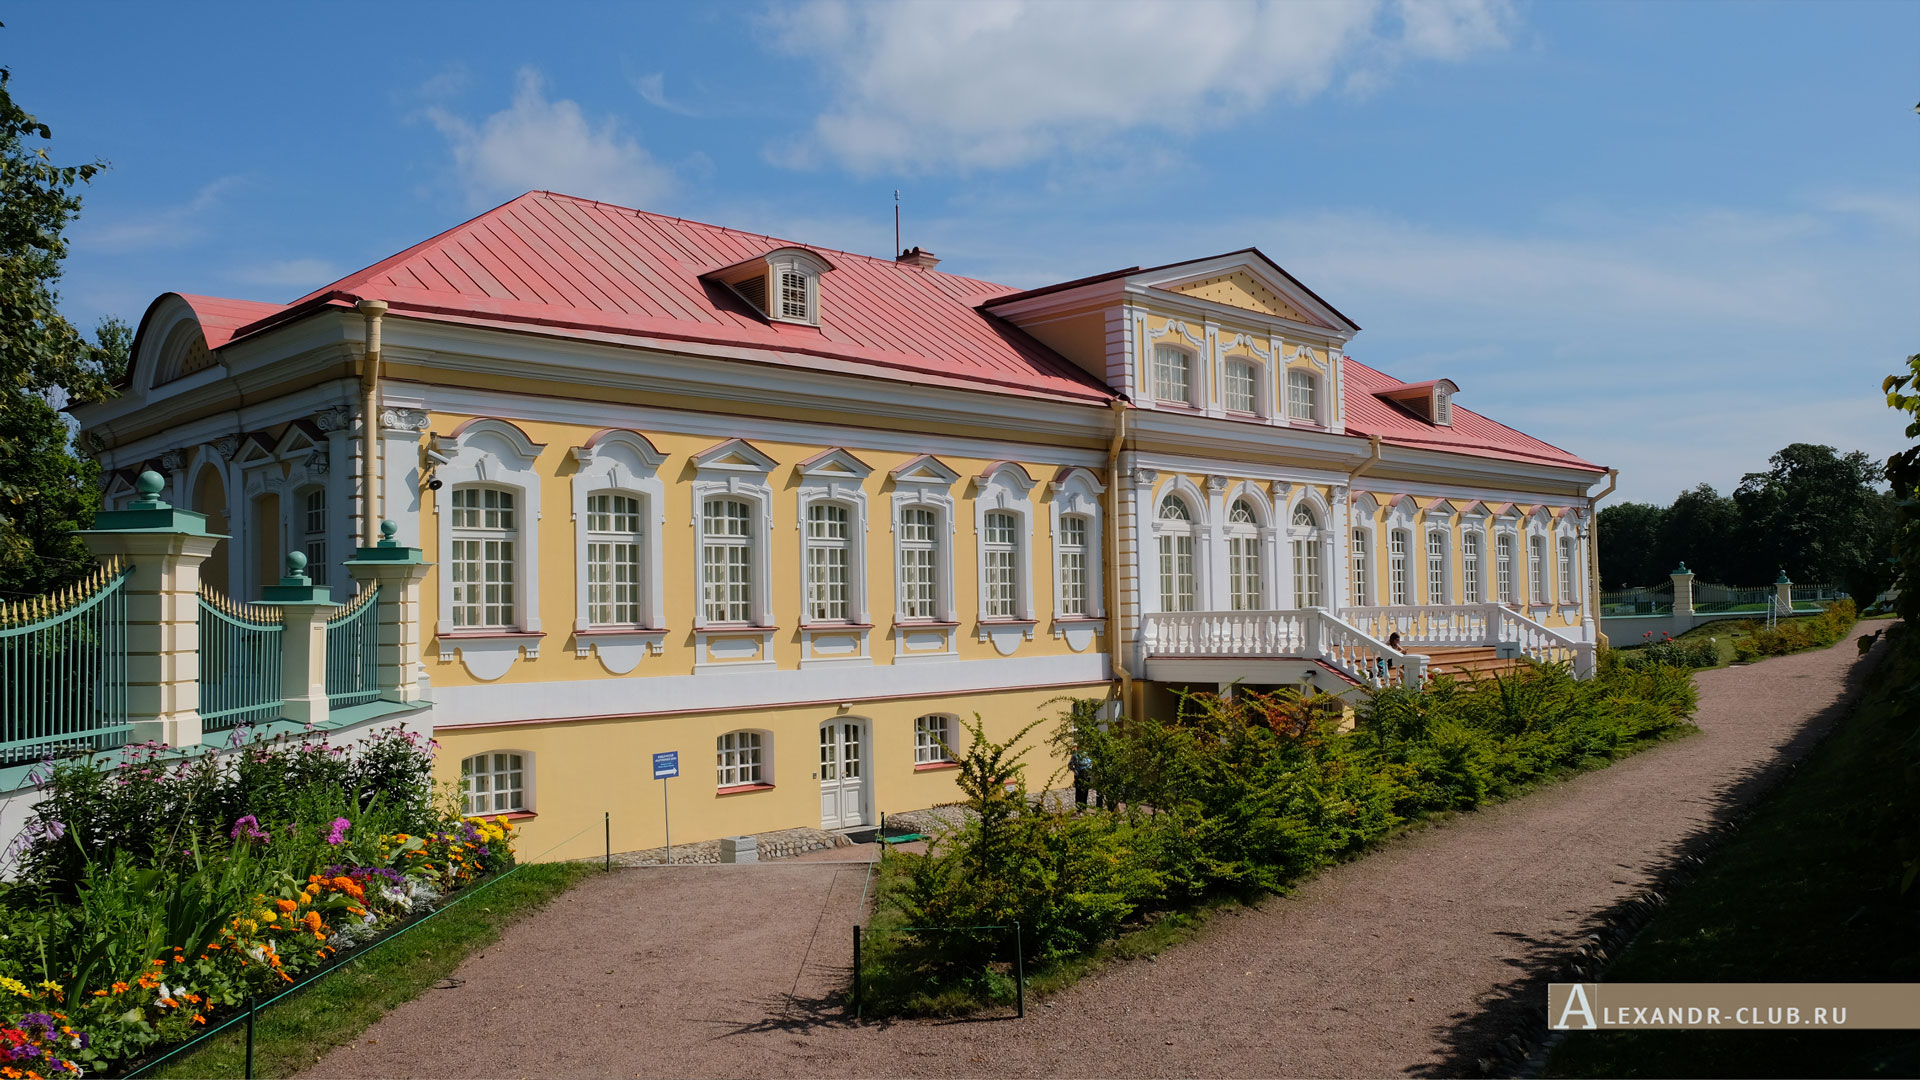 Ораниенбаум, лето, музей «Картинный дом»